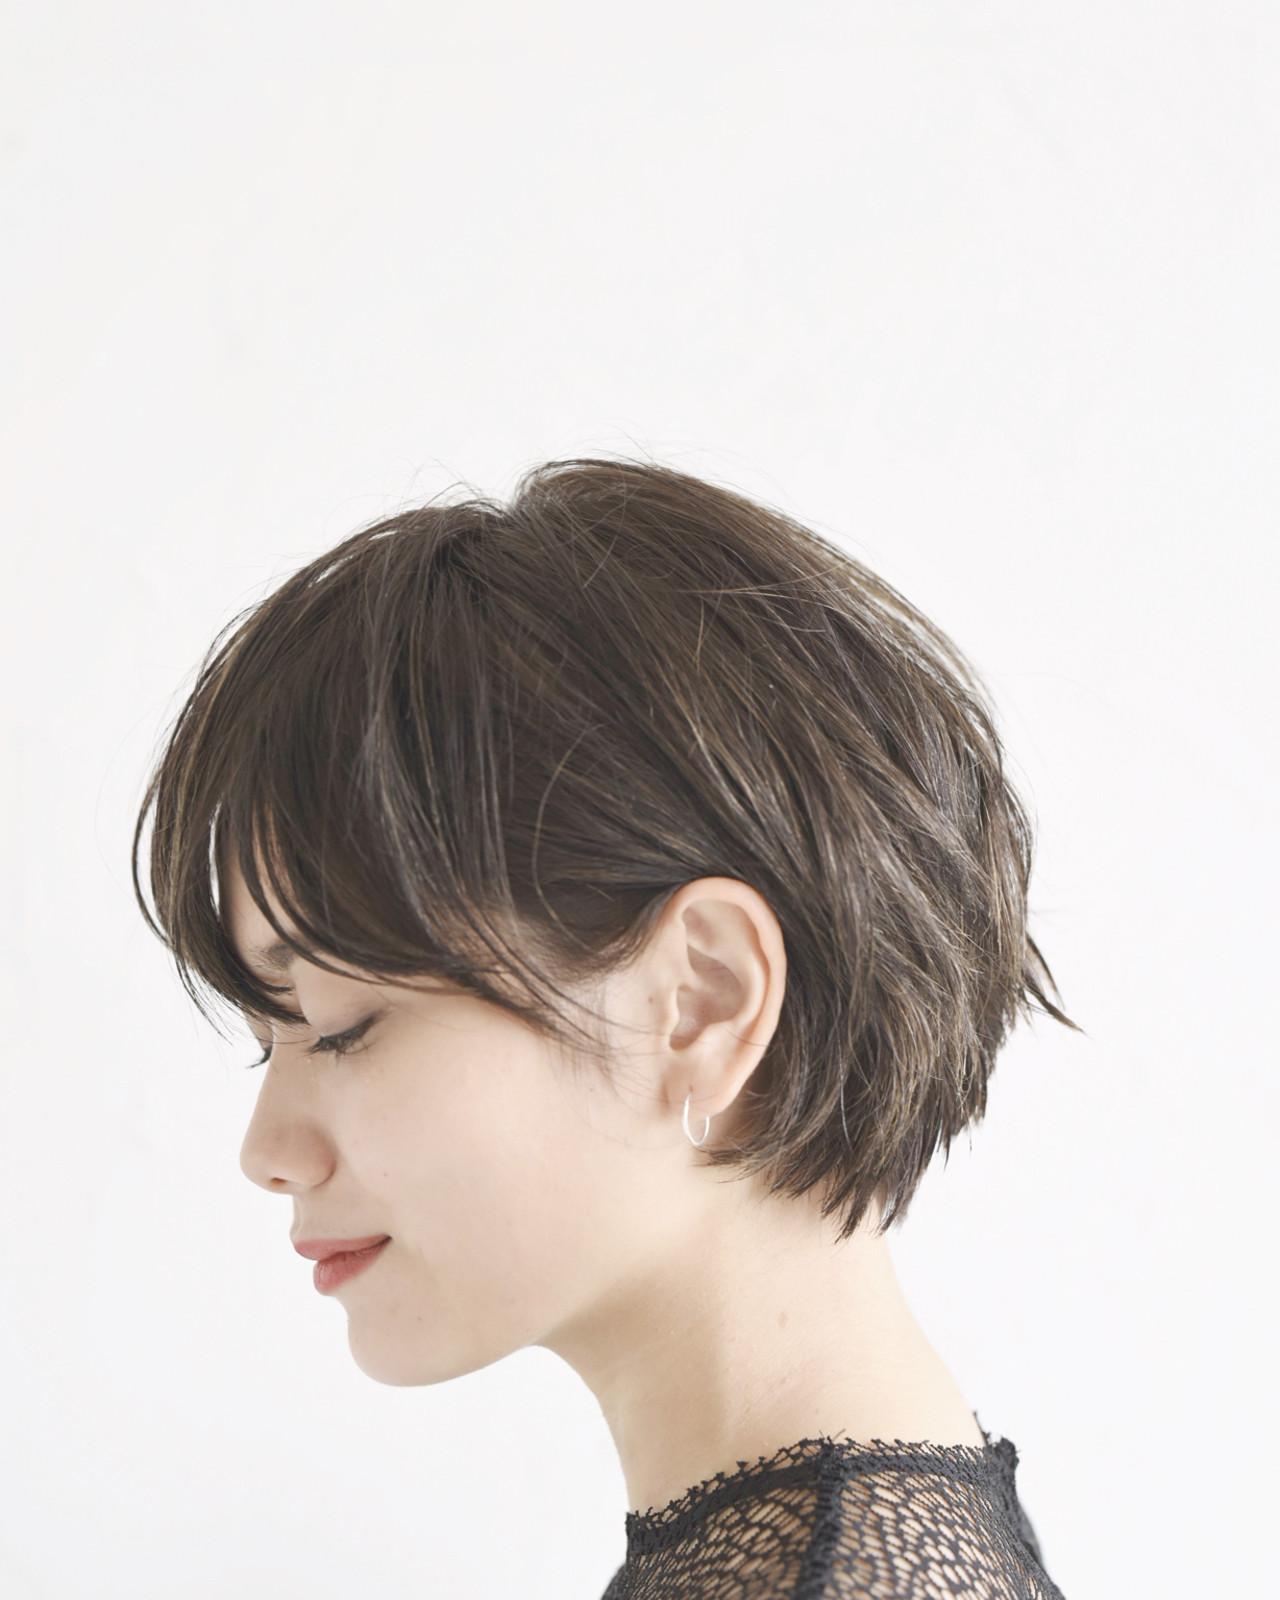 ショート 黒髪 アウトドア モード ヘアスタイルや髪型の写真・画像